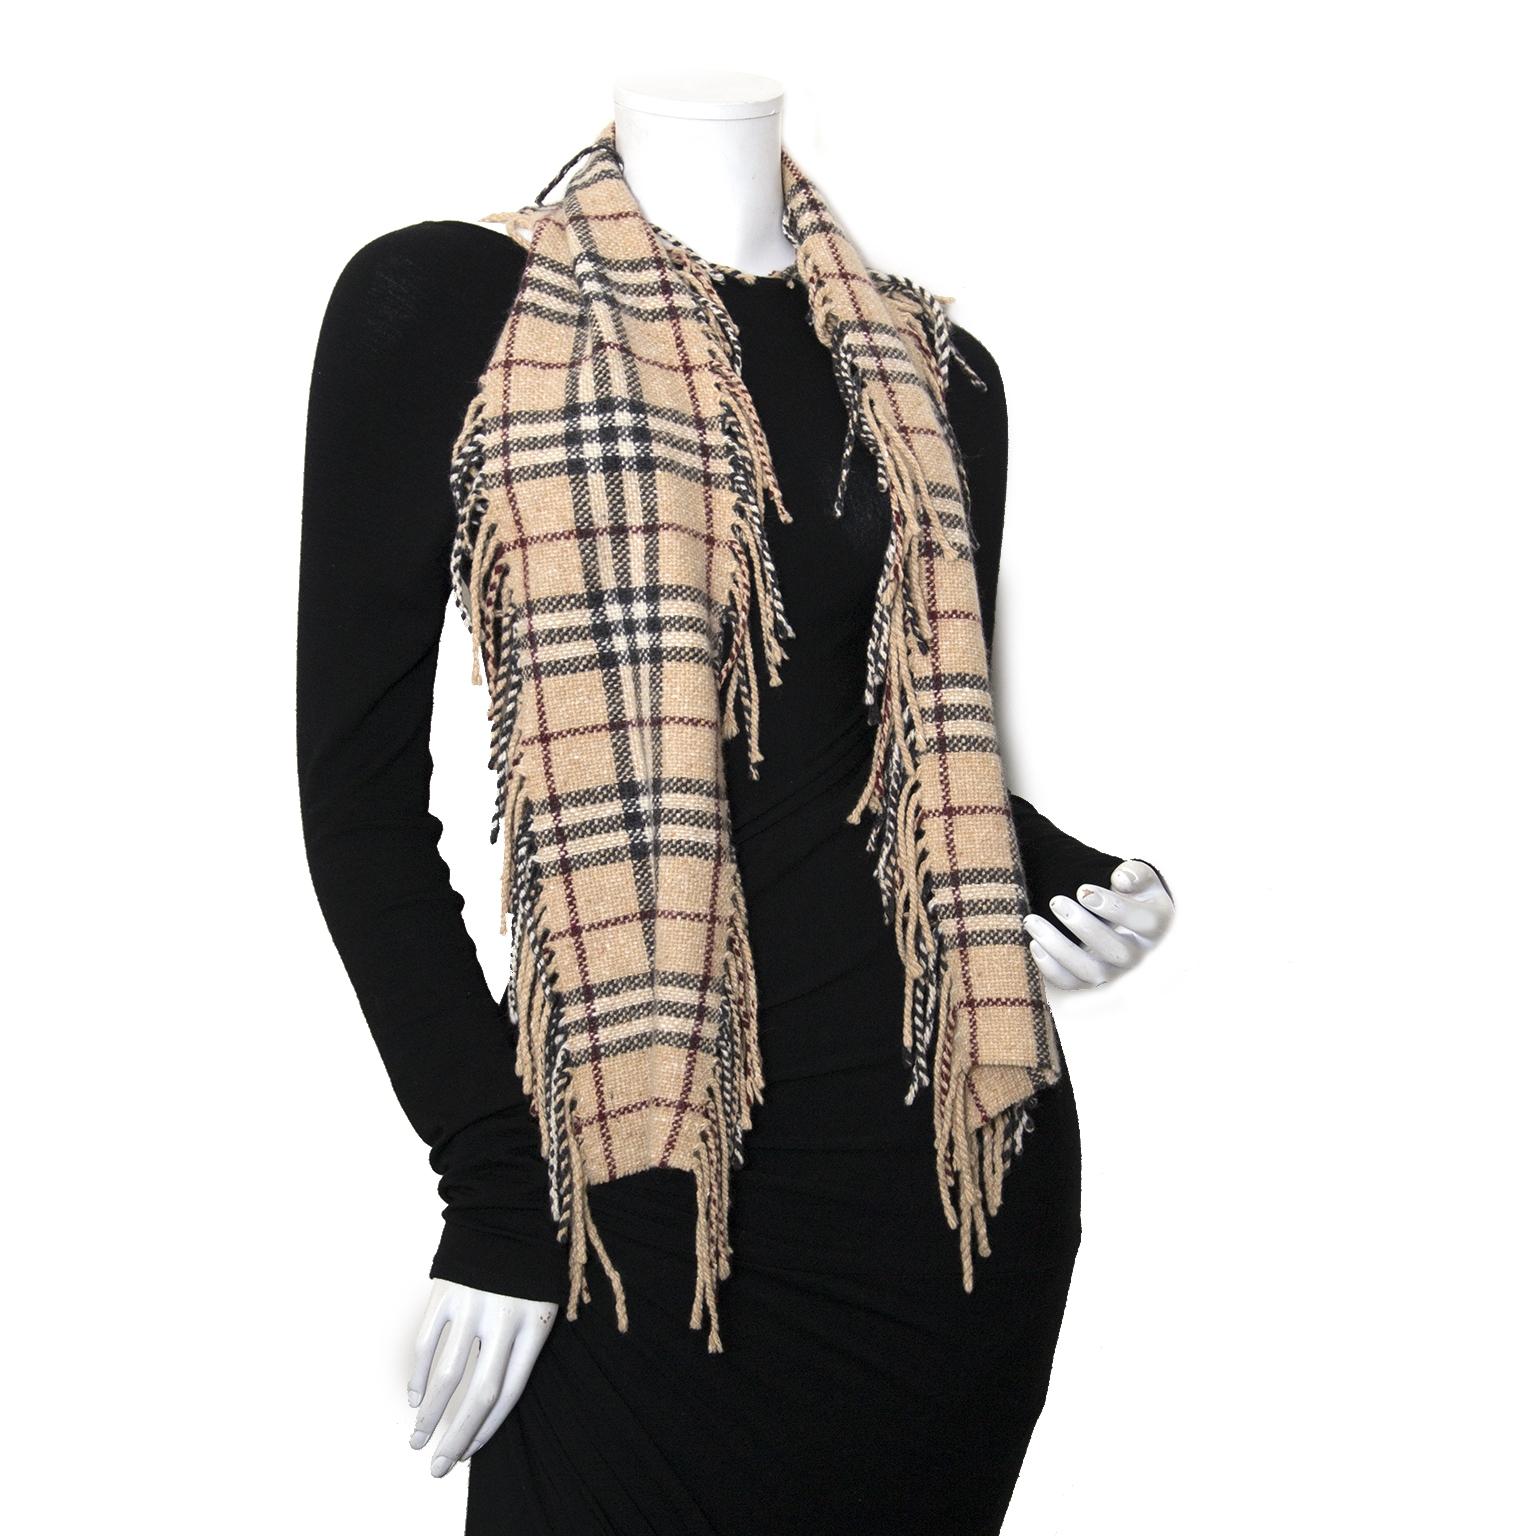 Koop Burberry ruiten sjaals bij Labellov vintage mode webshop België